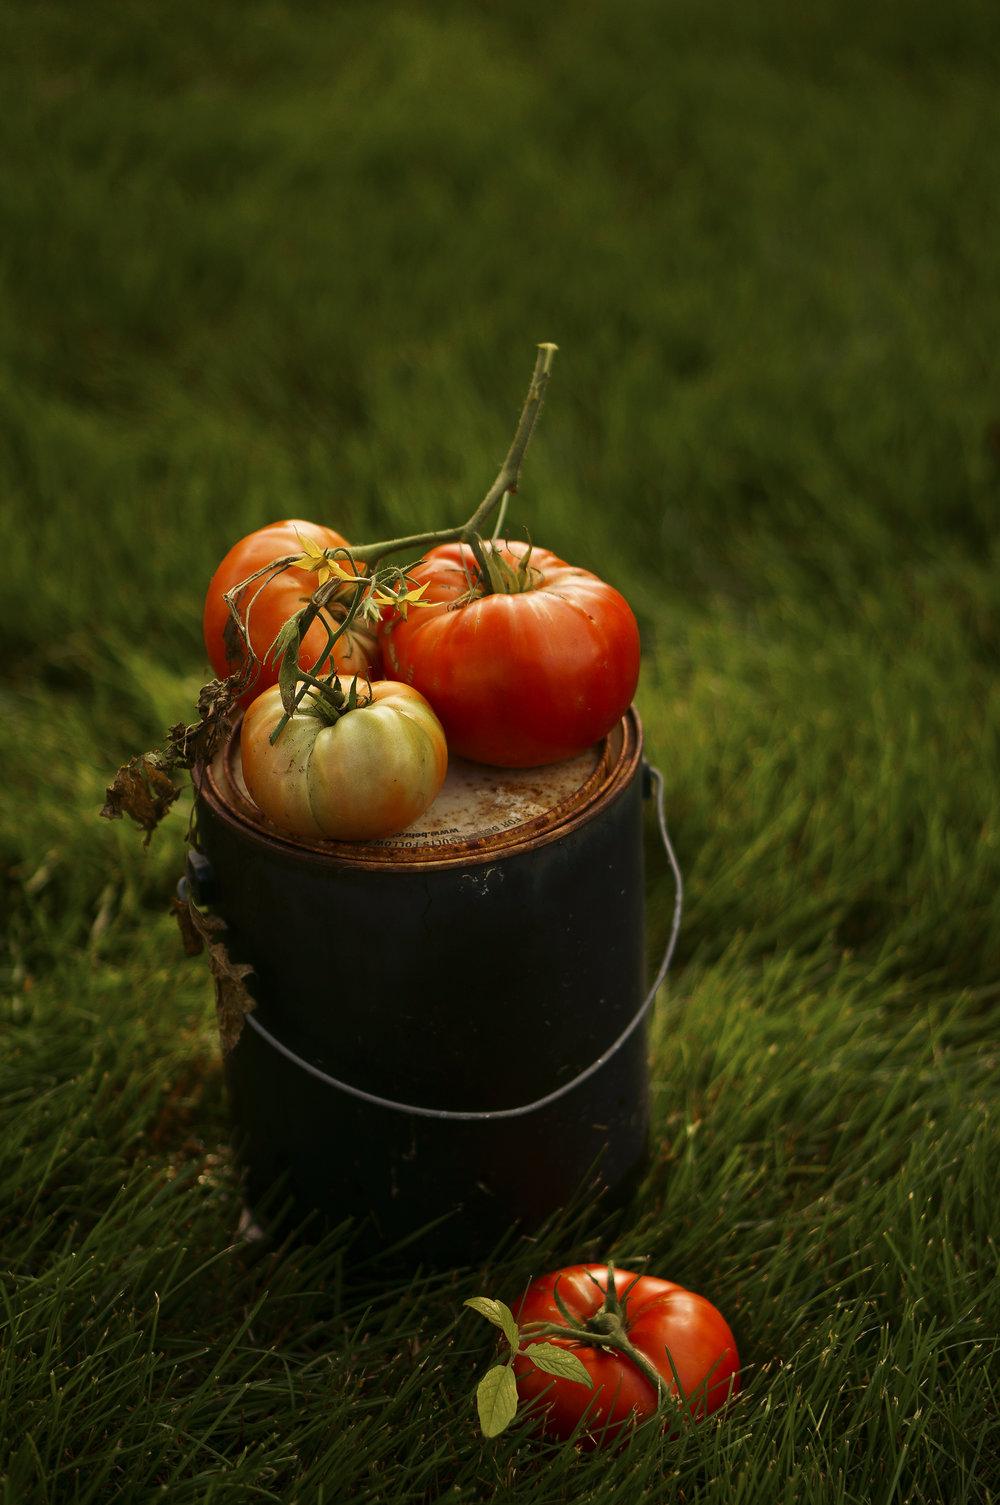 Tomatoesingrass-Hr-SimiJois.jpg